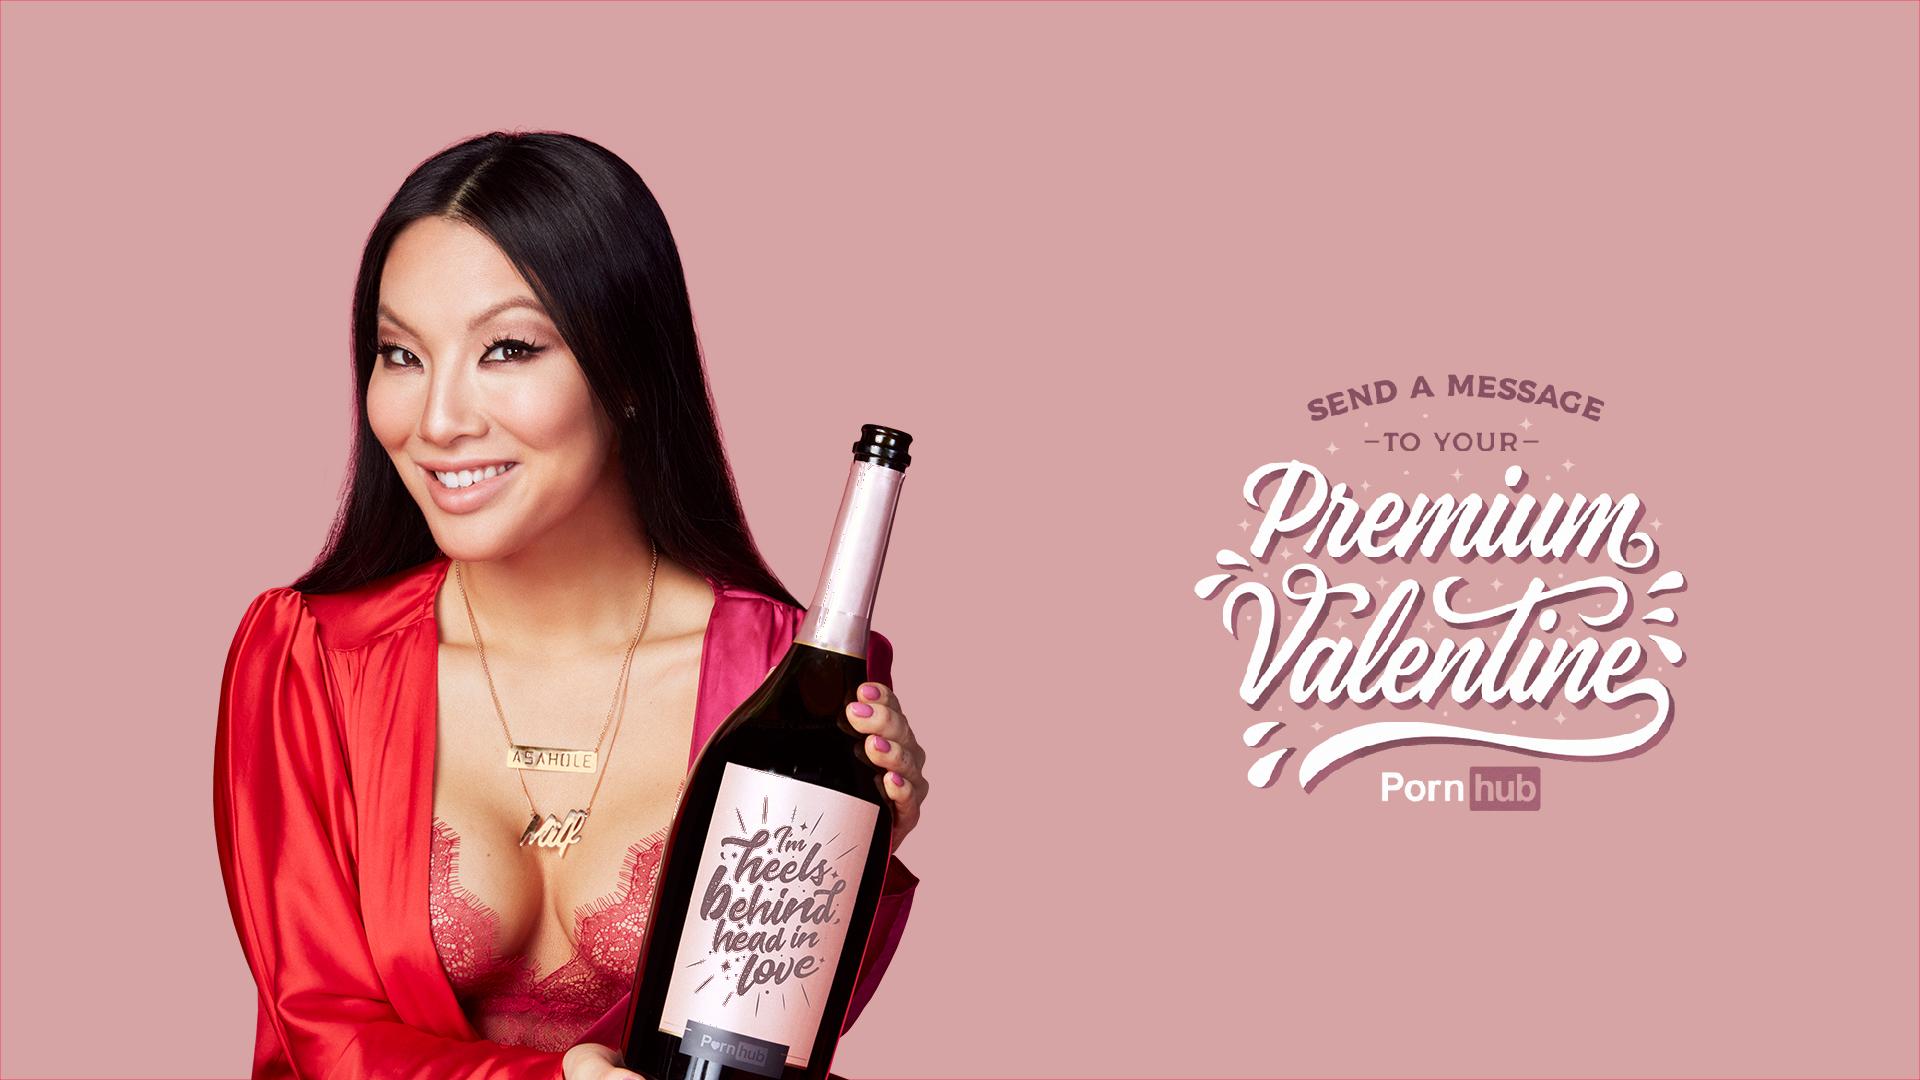 Порнозвезды с Pornhub предлагают персональные ролики ко Дню всех влюбленных +18